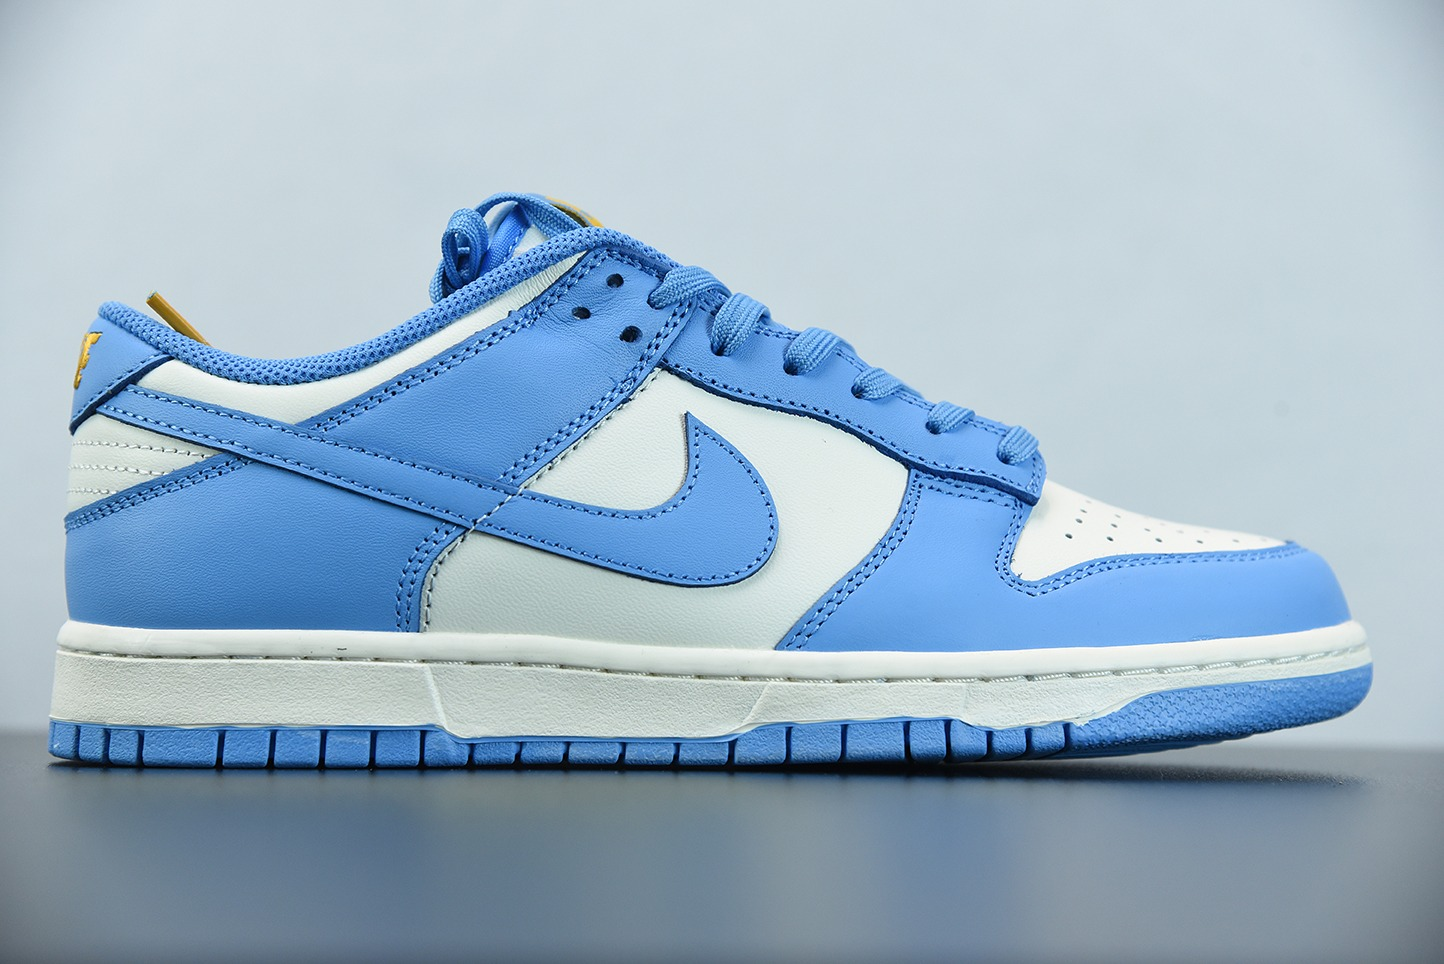 耐克Nike Dunk Low  Cost北卡蓝皇家蓝低帮运动休闲板鞋纯原版本 货号:DD1503-100